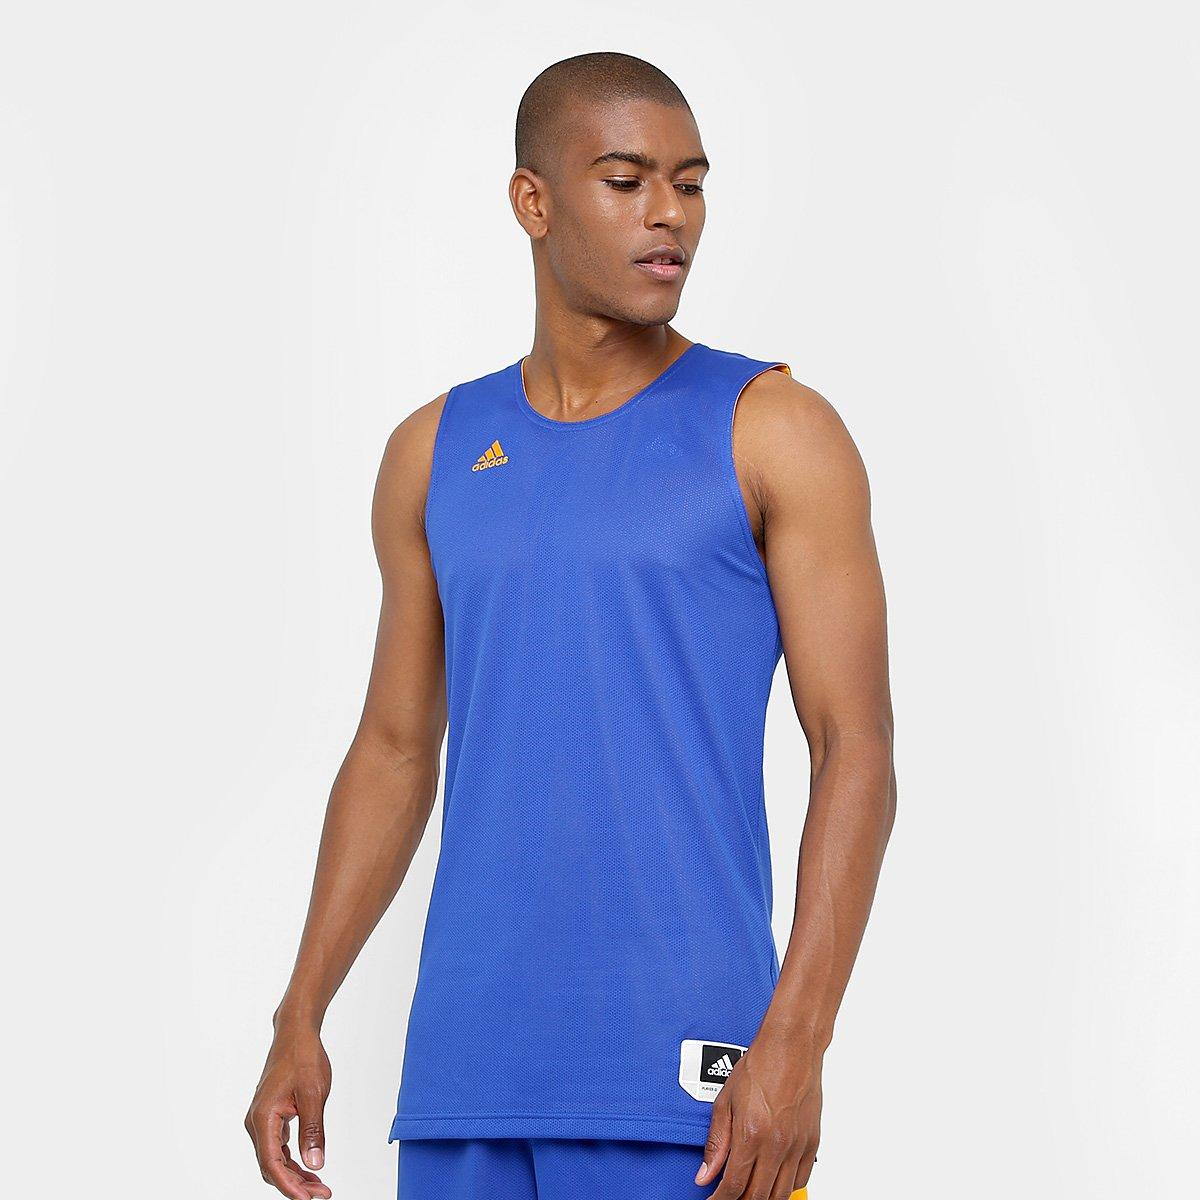 Camiseta Regata Adidas Treino Reversivel Masculina - Azul - Compre Agora  234a55a010c